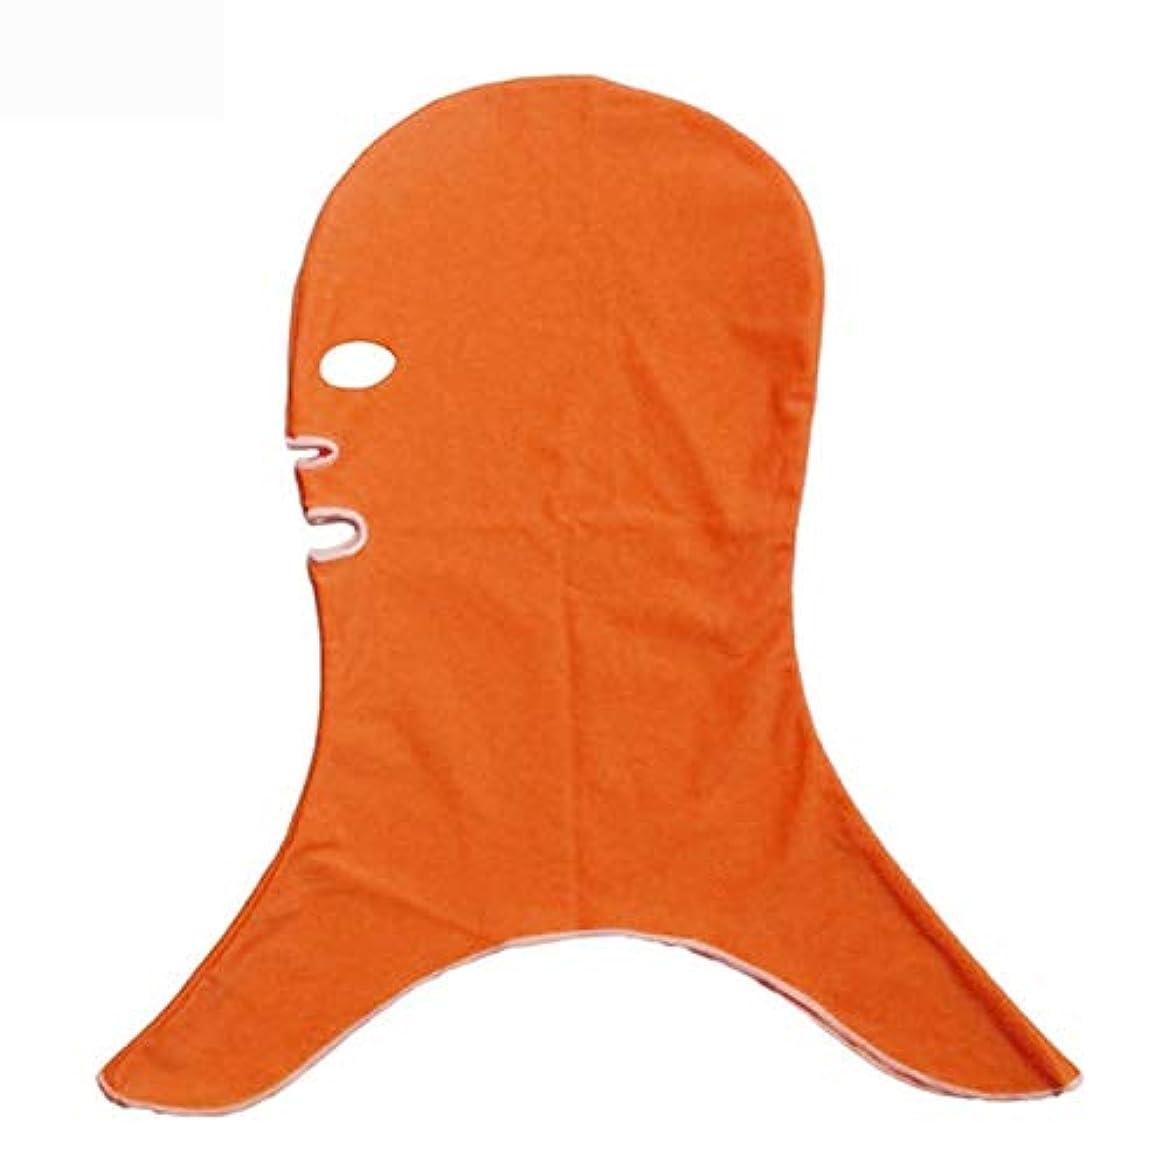 アブセイ主要な積分温he スイミングプールマスク日焼け止めUV保護スイミングダイビングマスクスイミングキャップフェイシャルビキニ日焼け止めマスク Facekini (色 : C)